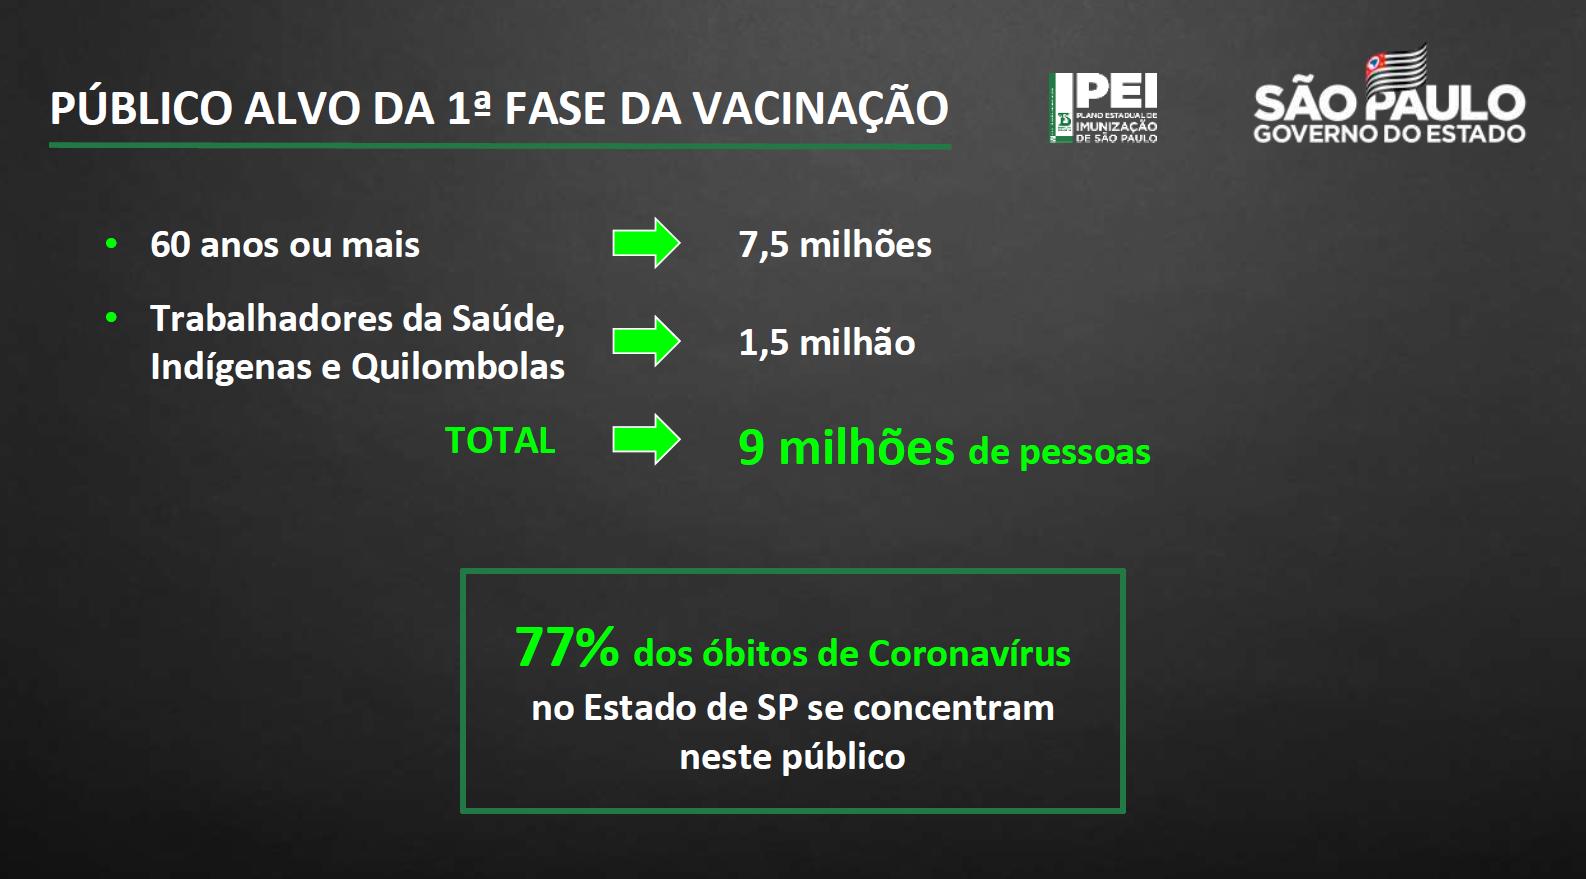 Governo de SP apresentou detalhes de seu plano de vacinação contra Covid-19